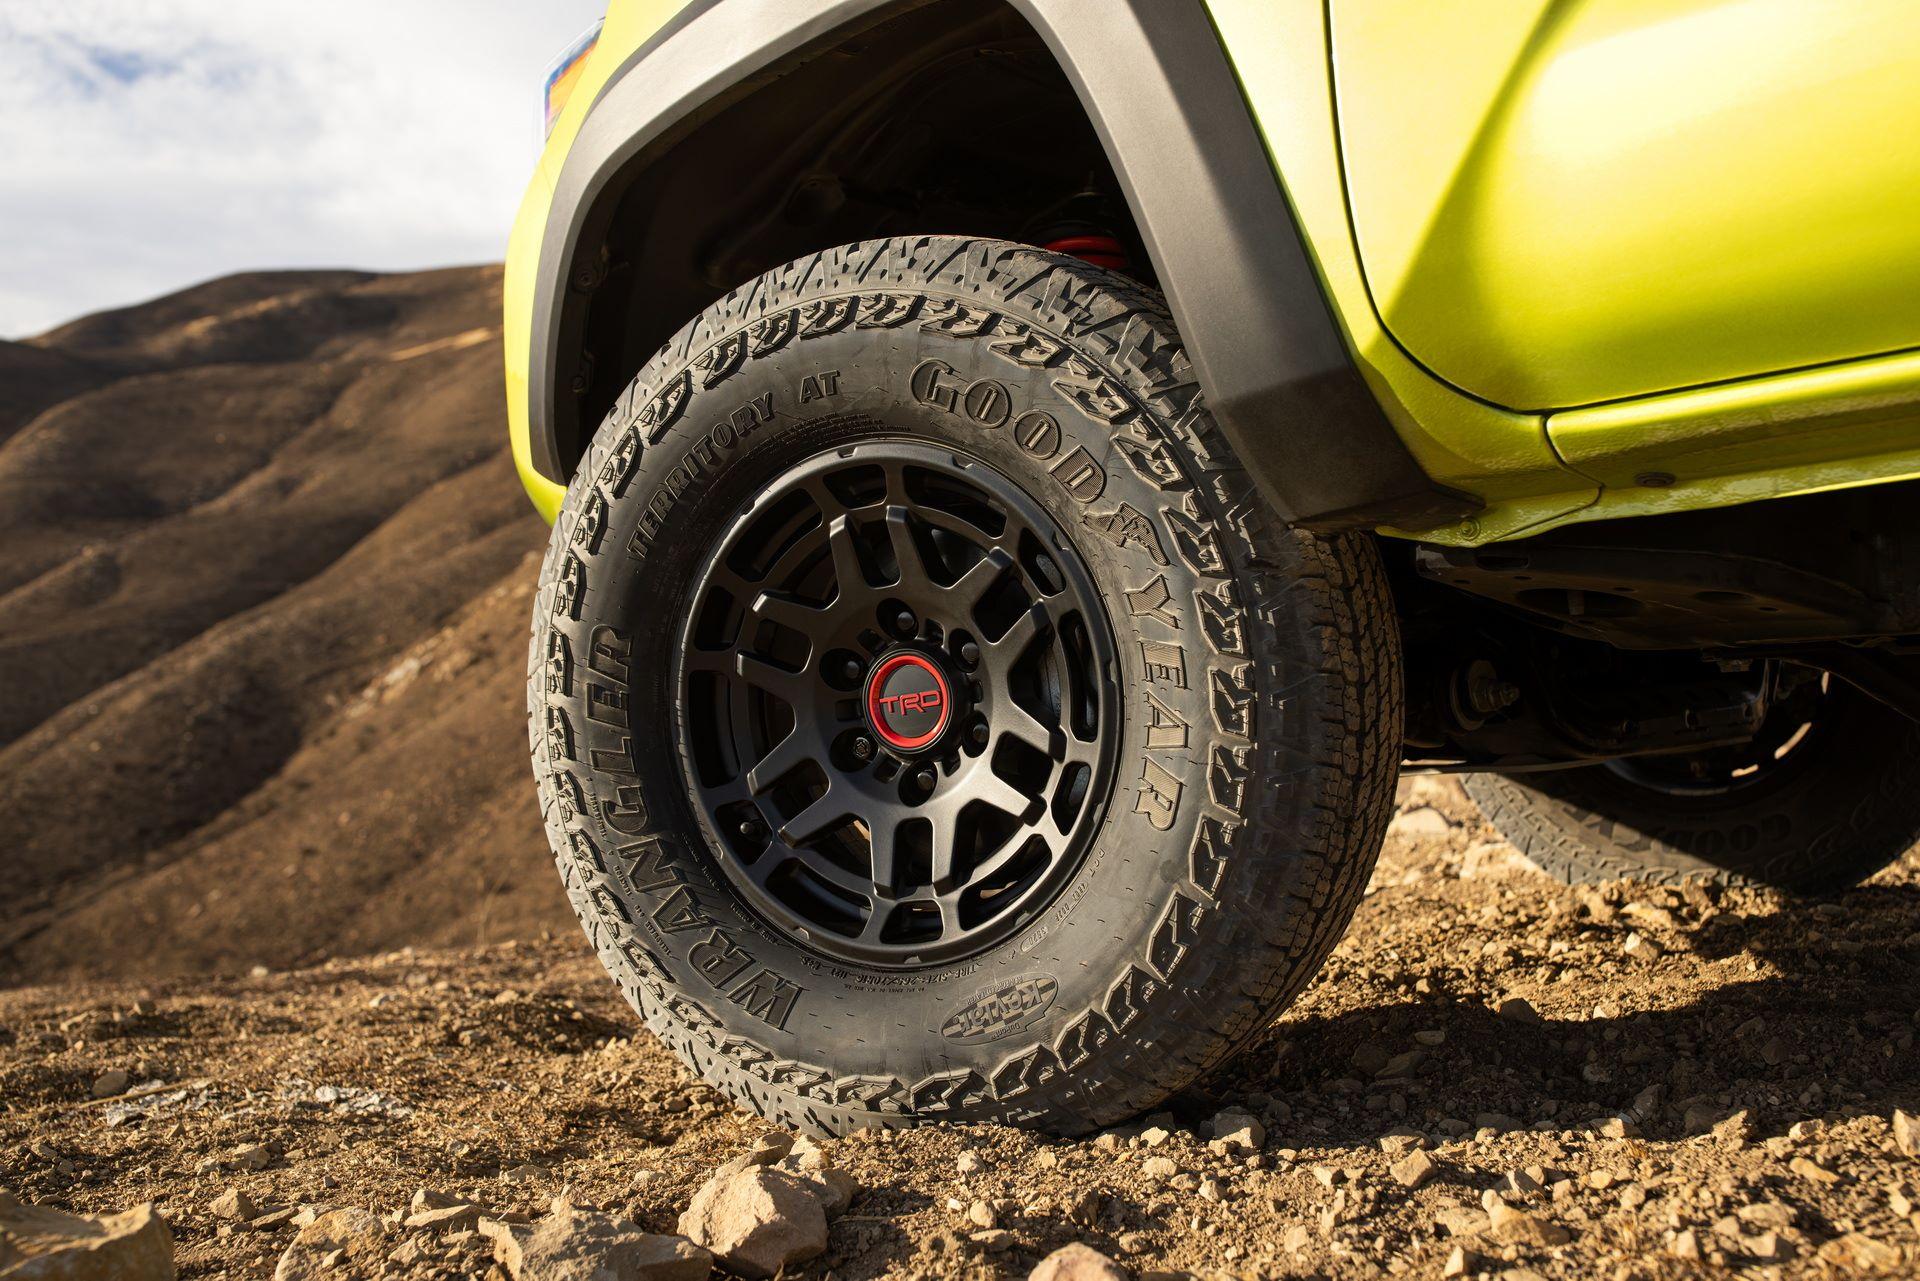 Toyota-Tacoma-TRD-Pro-and-Tacoma-Trail-Edition-16